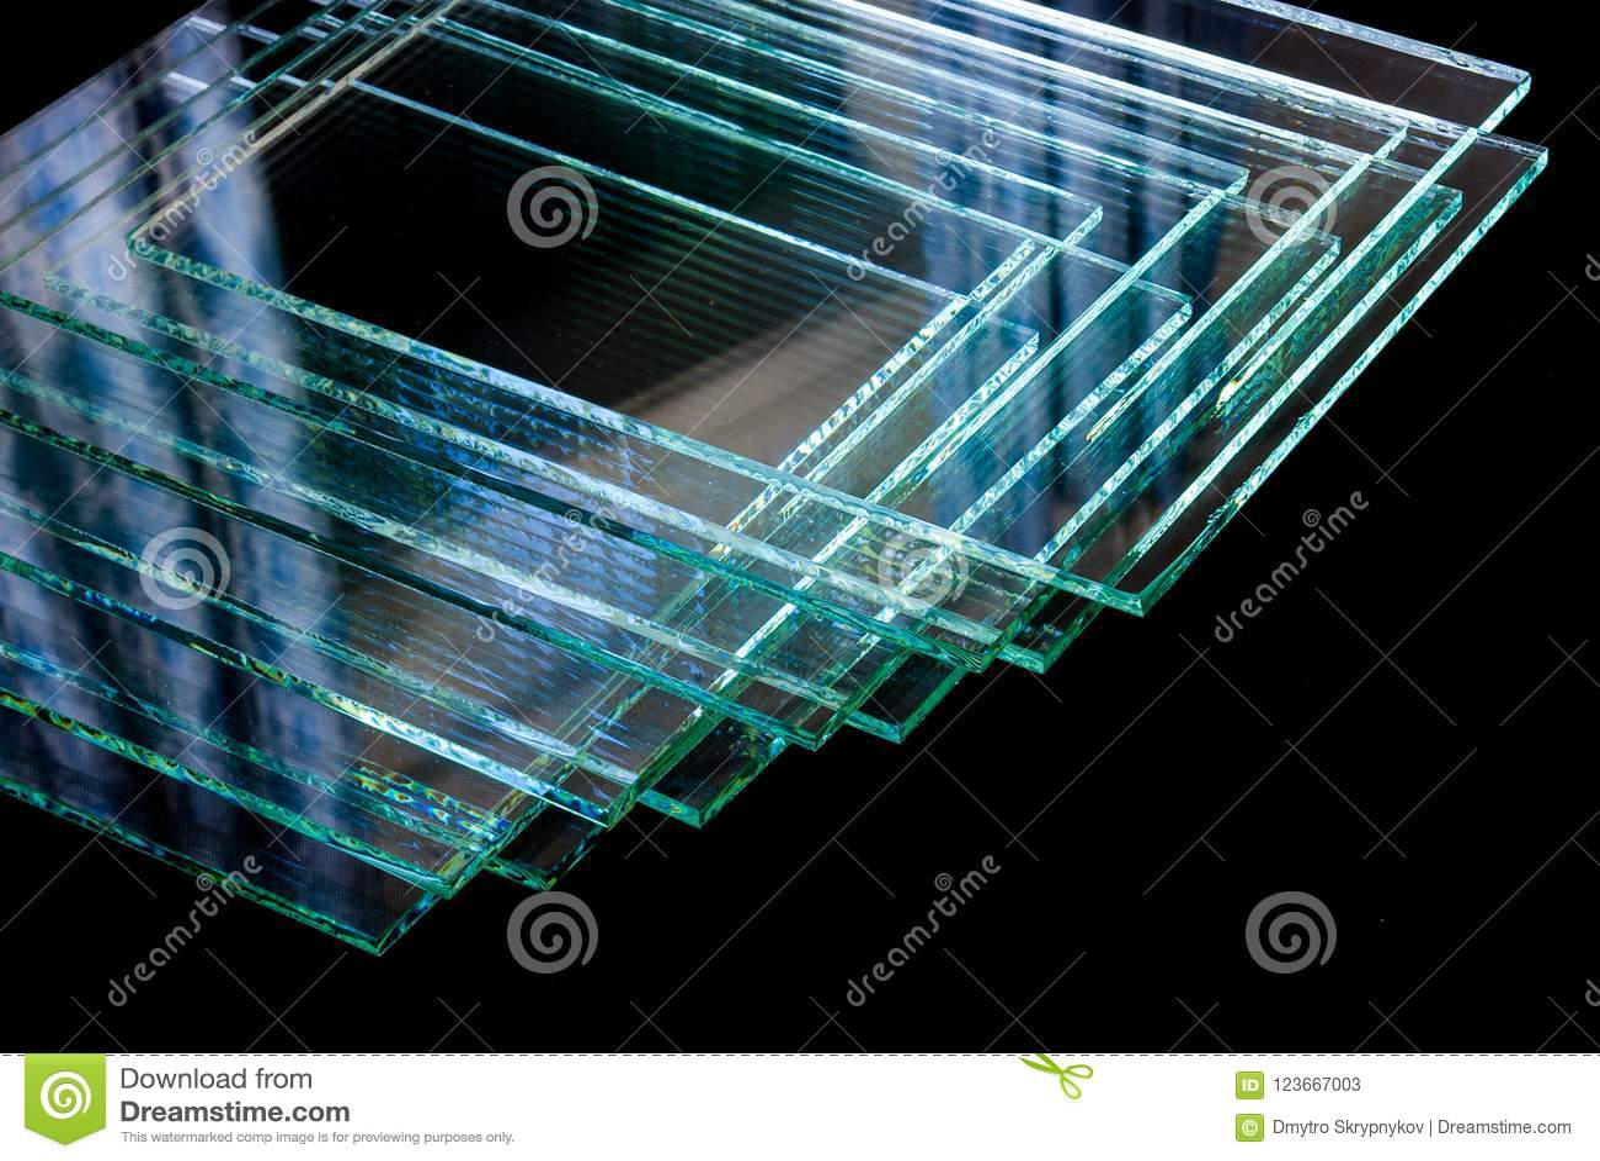 Bladen van Fabriek die de aangemaakte duidelijke die panelen vervaardigen van het vlotterglas aan grootte worden gesneden